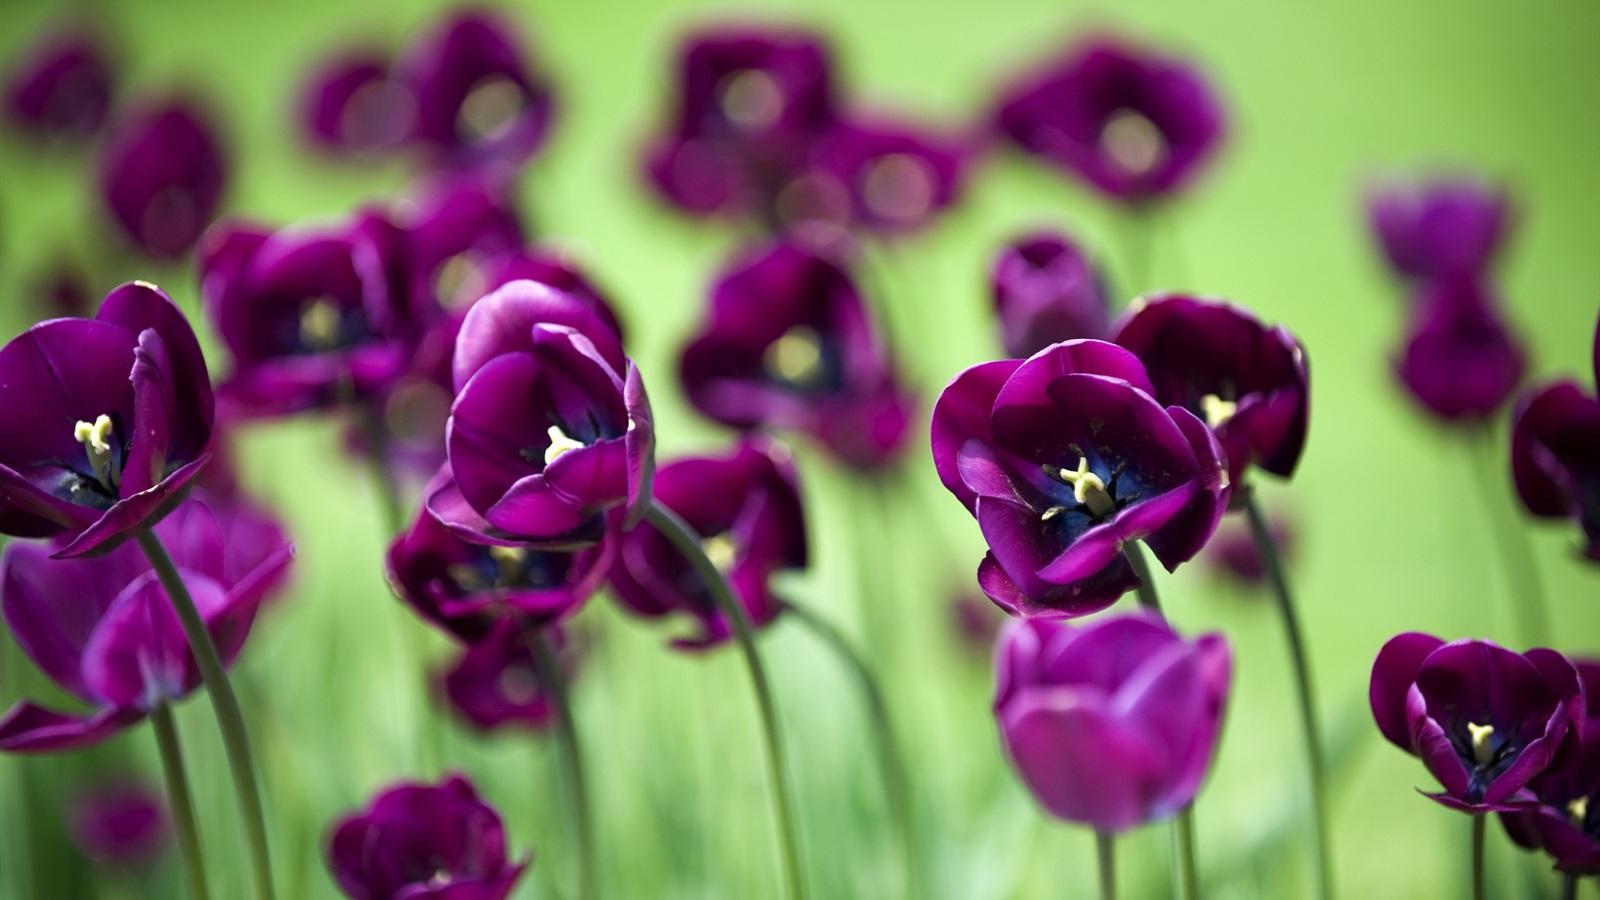 Adquiere Aqui Estos Fondos De Pantalla Con Flores Hermosas: Fondos De Pantalla Hermosas Flores De Tulipán Púrpura